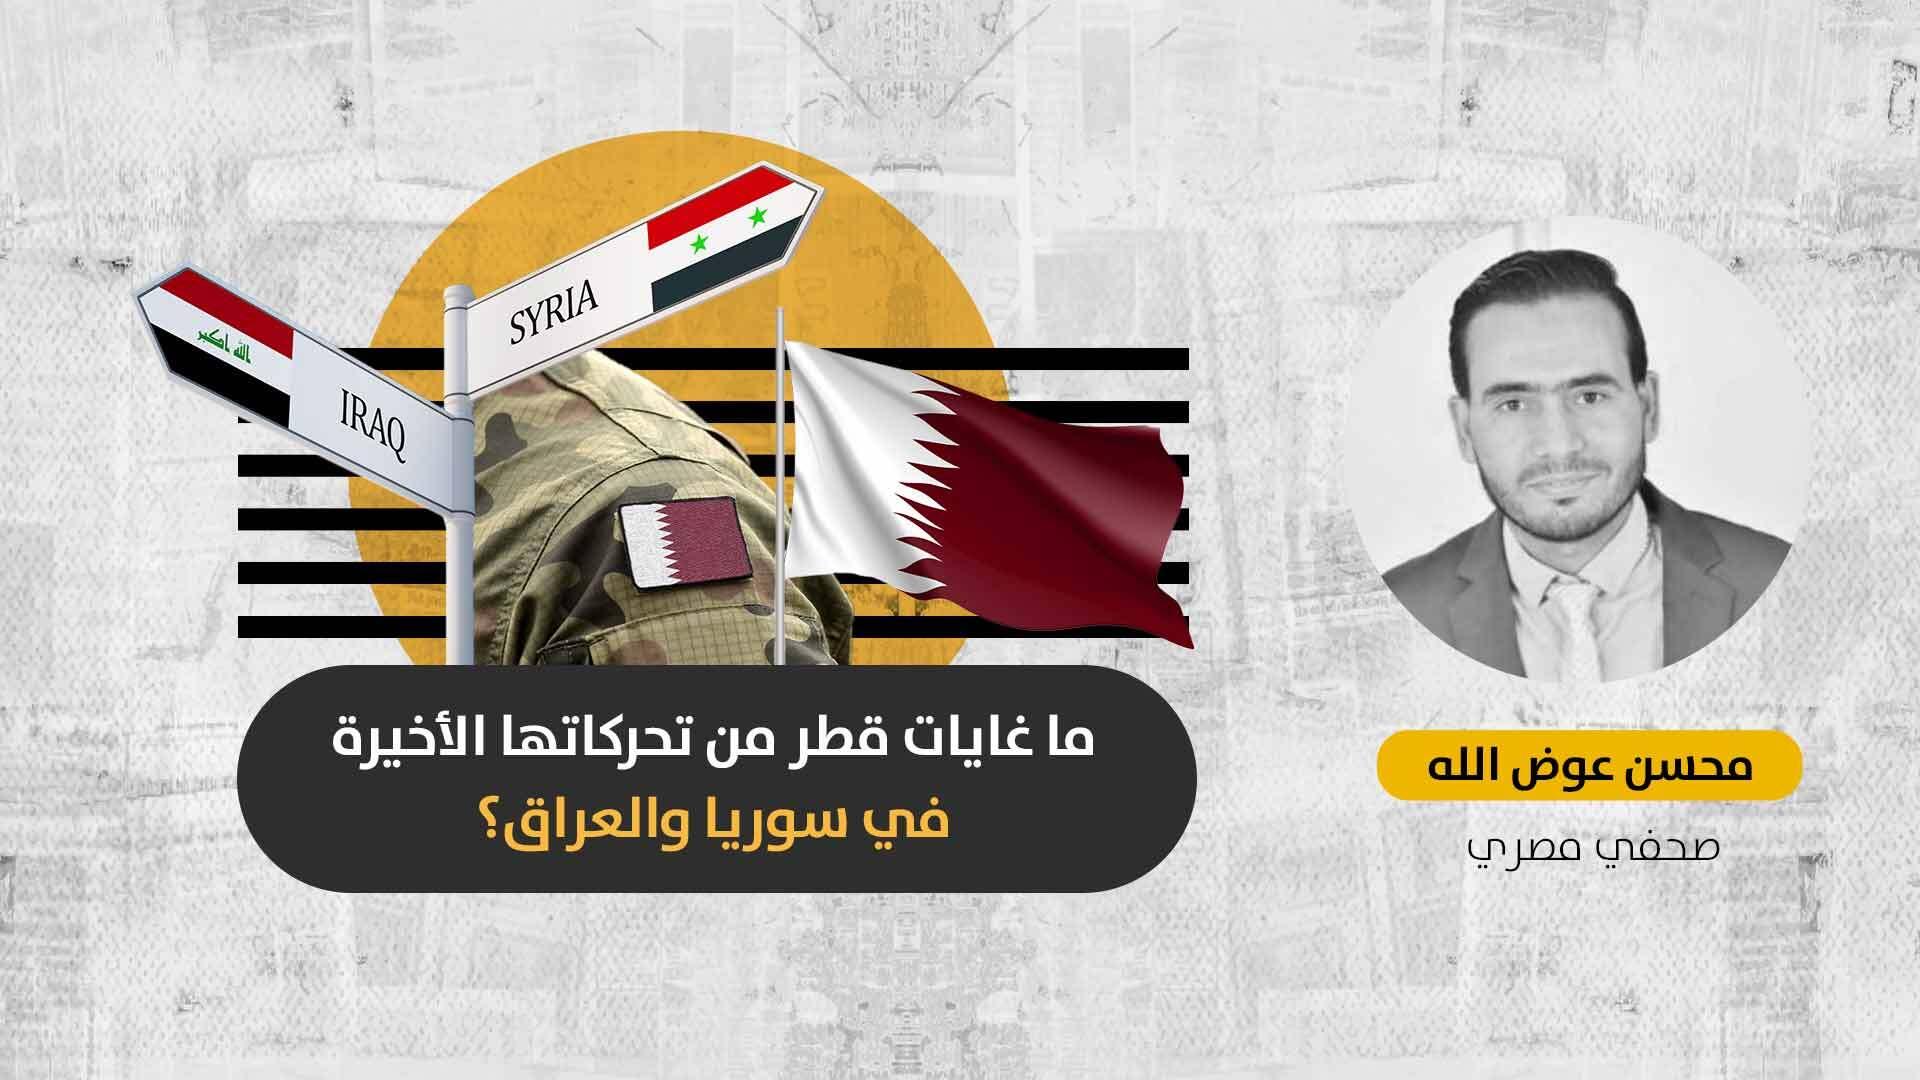 منصة لسوريا وقنصلية بأربيل: هل ستتمكن قطر من لعب دور محوري في المنطقة بالتنسيق مع روسيا وتركيا؟